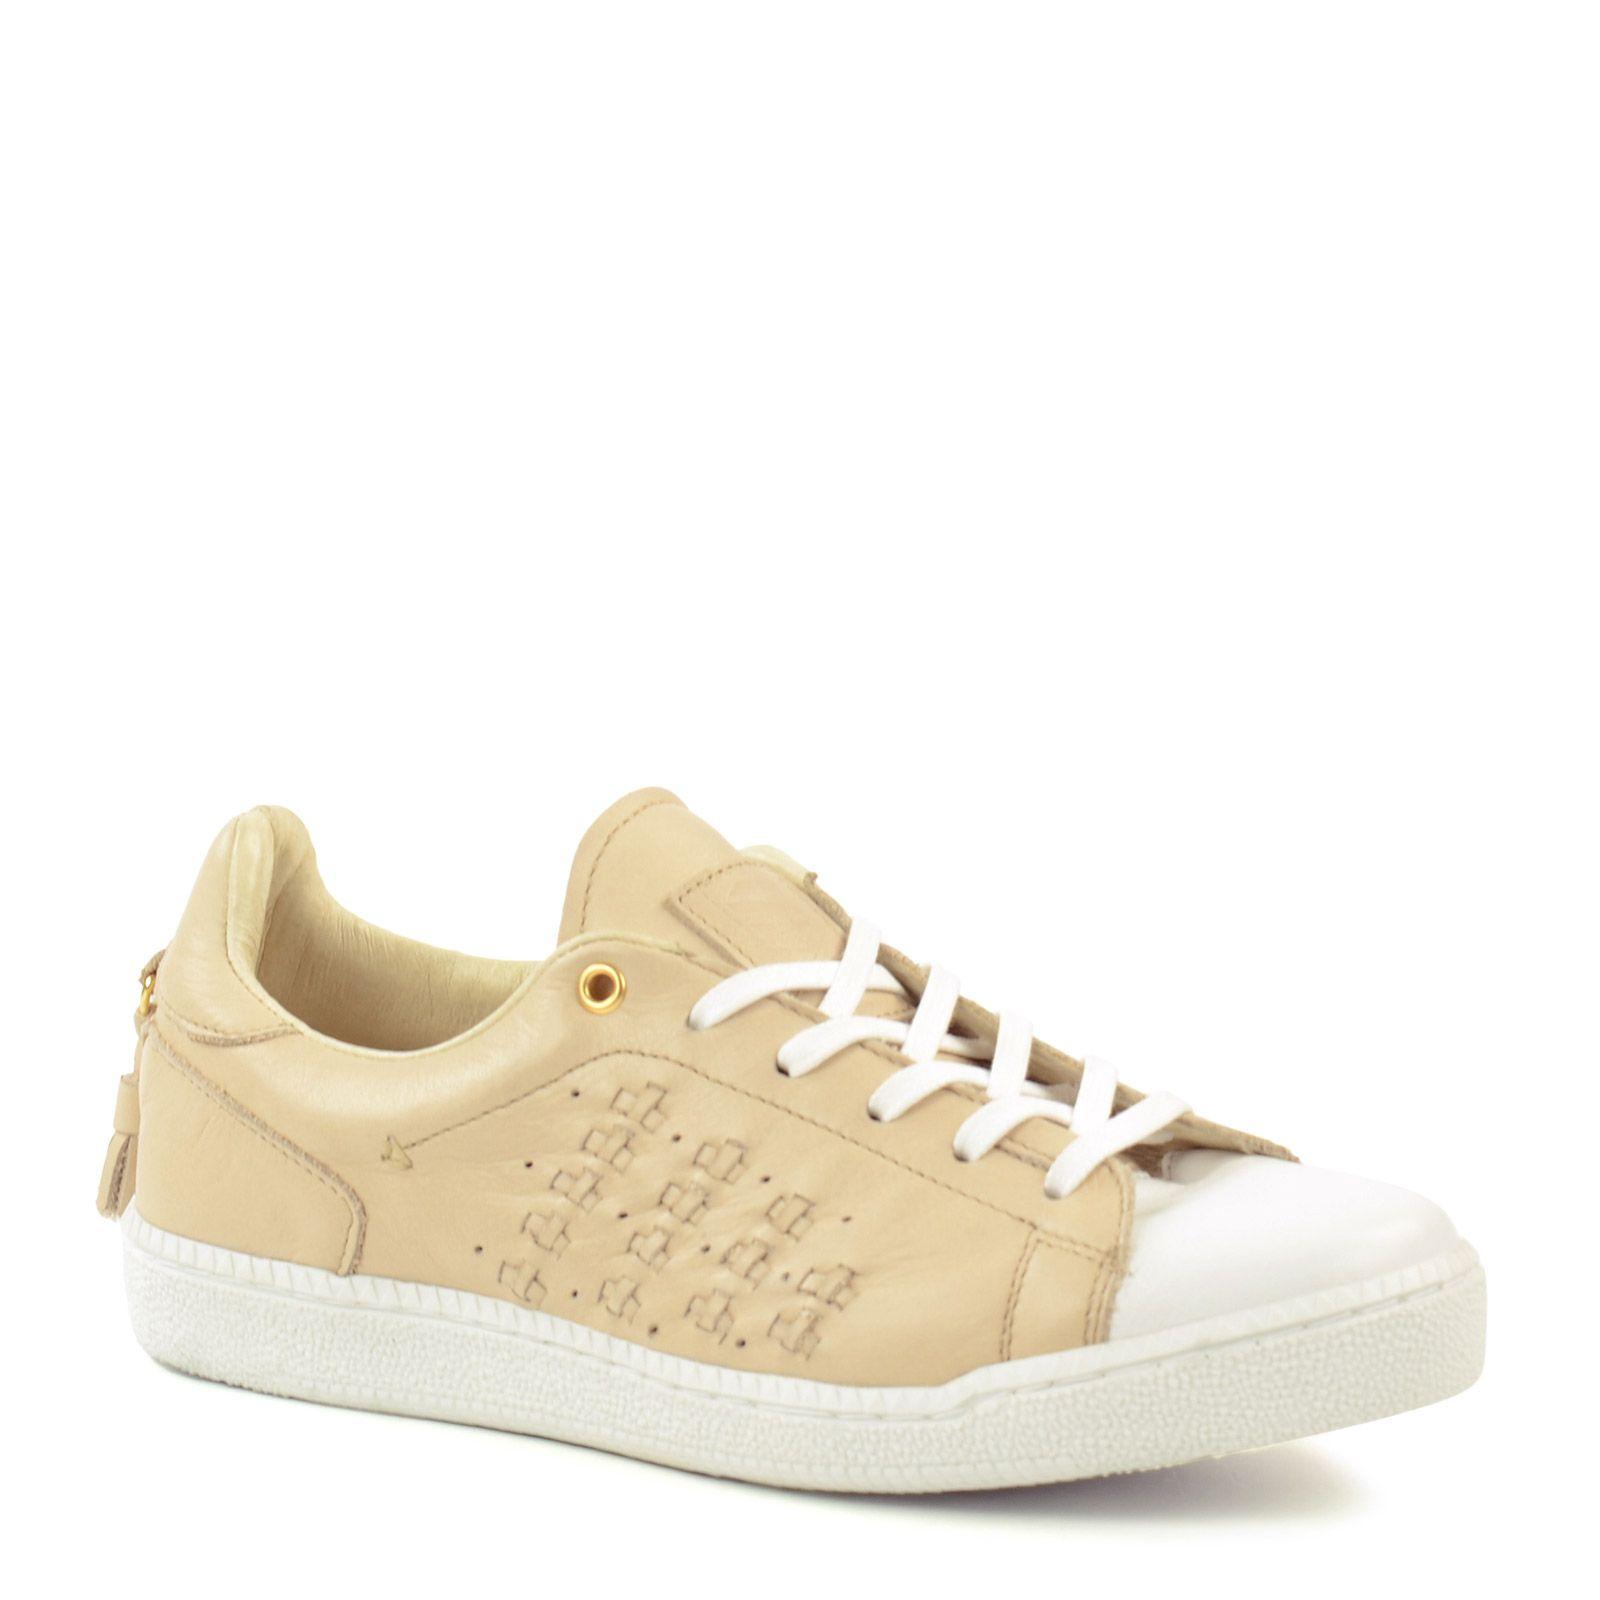 Leder-Sneaker offwhite